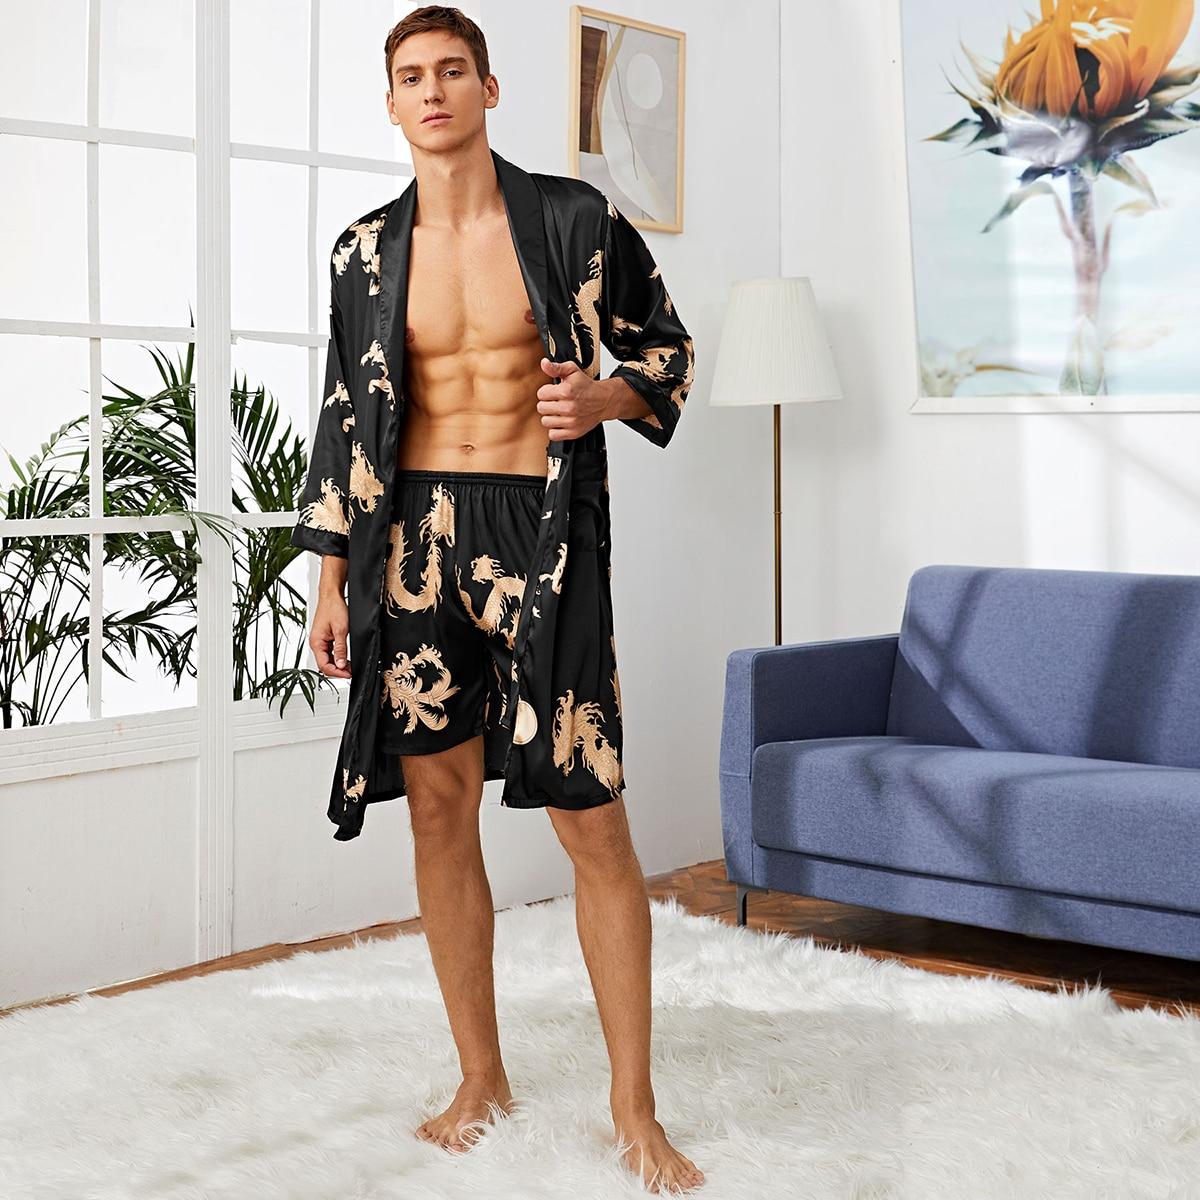 Мужской атласный халат с племенным принтом